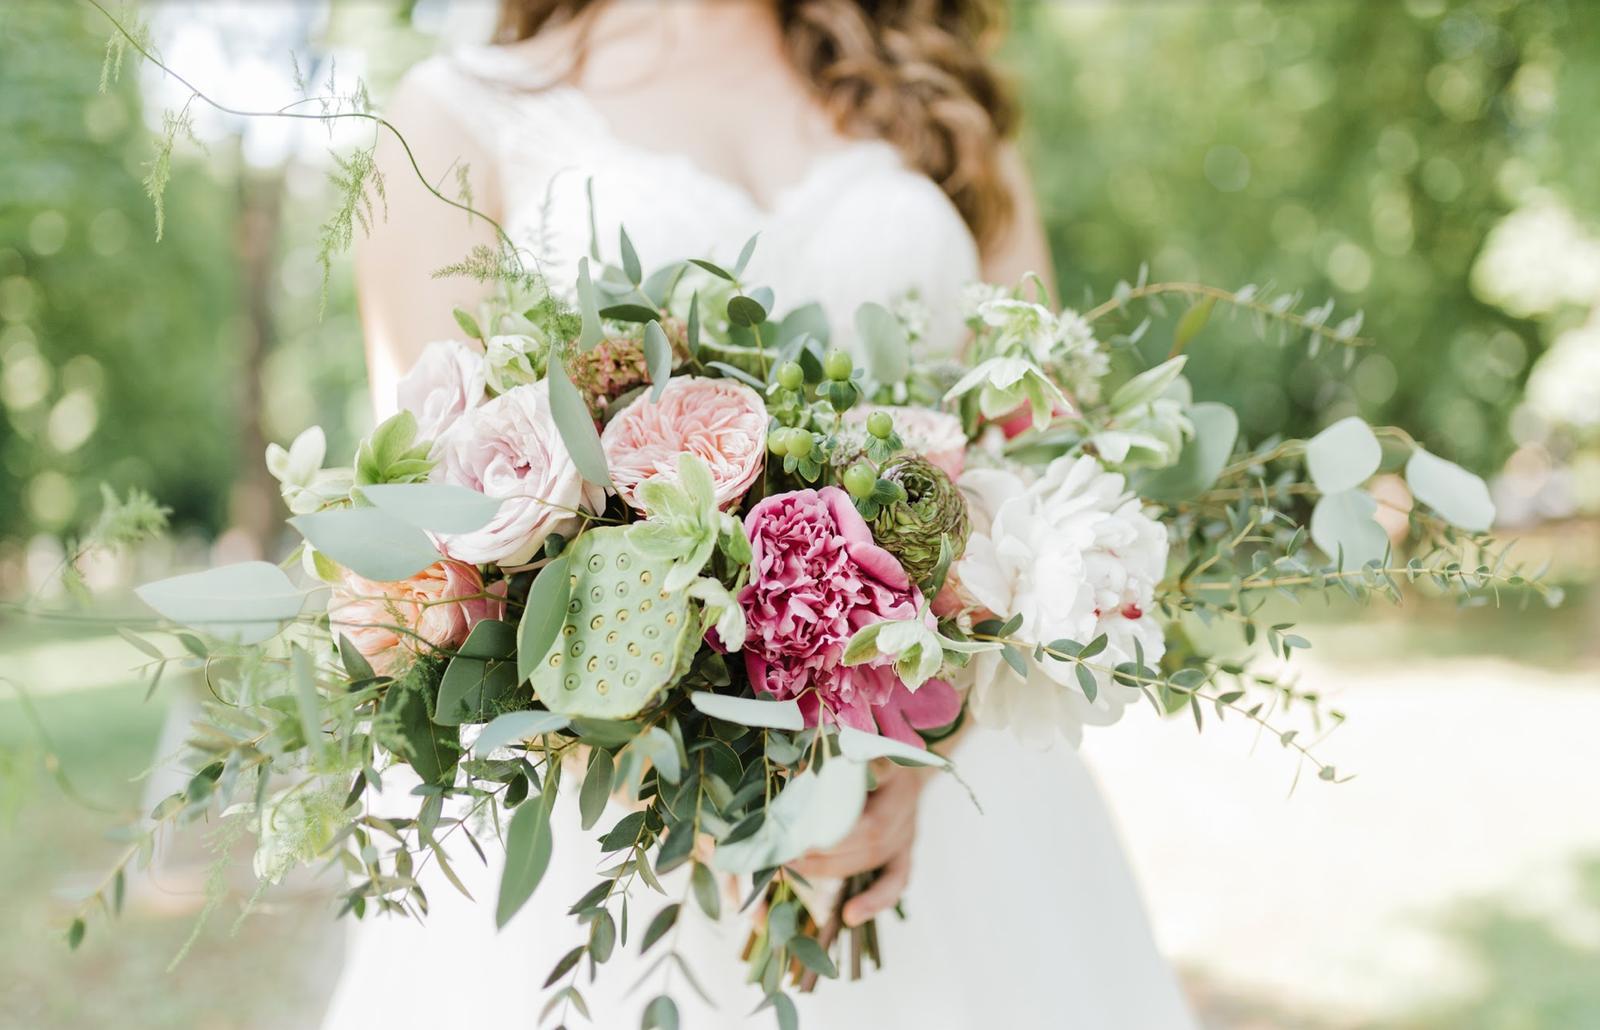 Nežná svadbička Lenky a Stana s množstvom skalných ruží. - Do kytičky pre Lenku sme chceli použiť niečo netradičné. Zvolili sme Lotosový kvet, ktorý vyzeral trochu ako z inej planéty :) ale v kytici pôsobil naozaj originálne medzi Pivonkami, anglickými ružami, čemericou a ranunkulusmi.